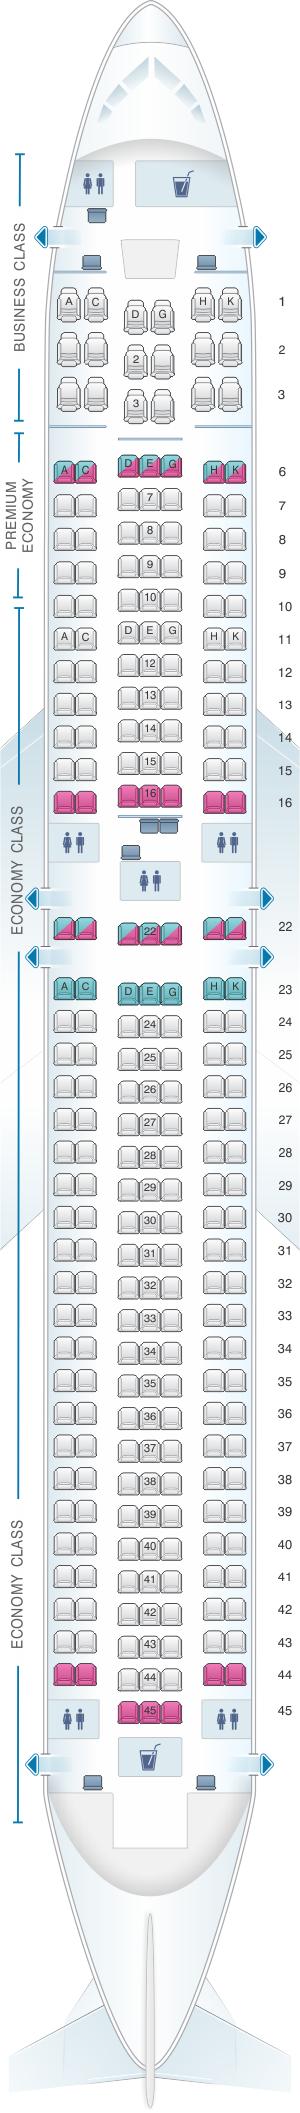 Seat Map Condor Boeing B767 300er Version1 Seatmaestro